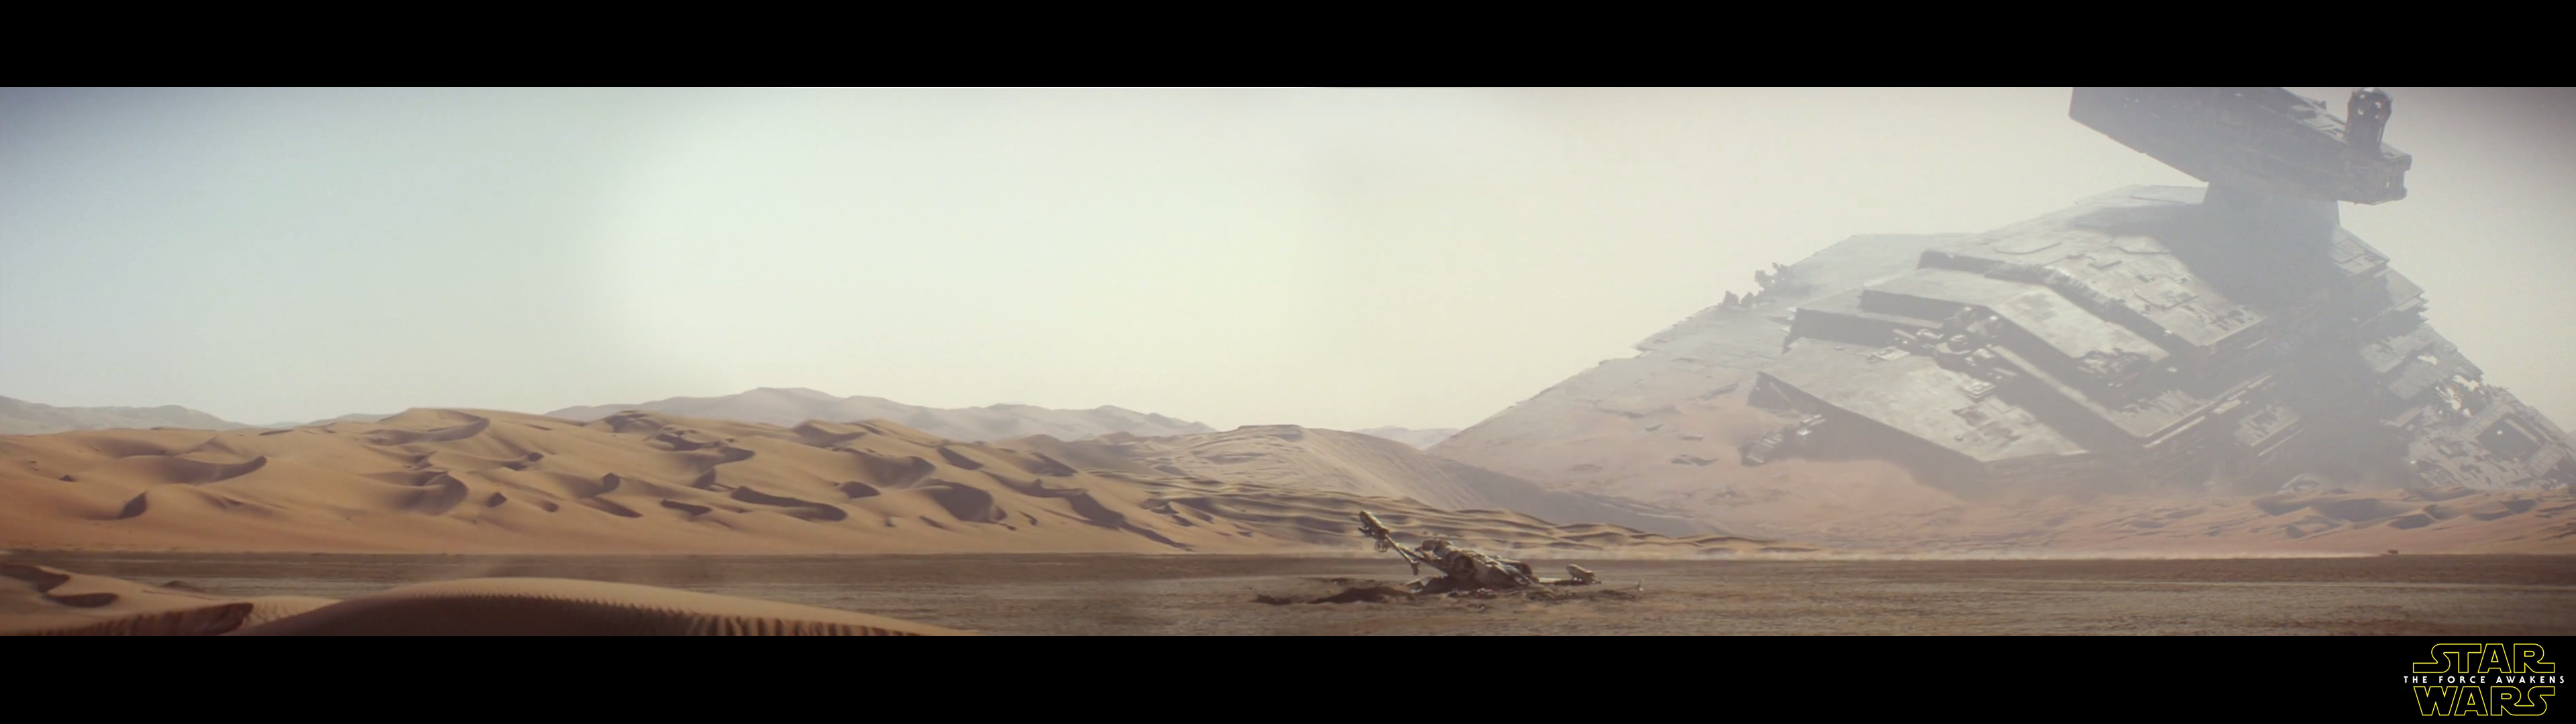 Star Wars Dual Screen Monitors 3840x1080